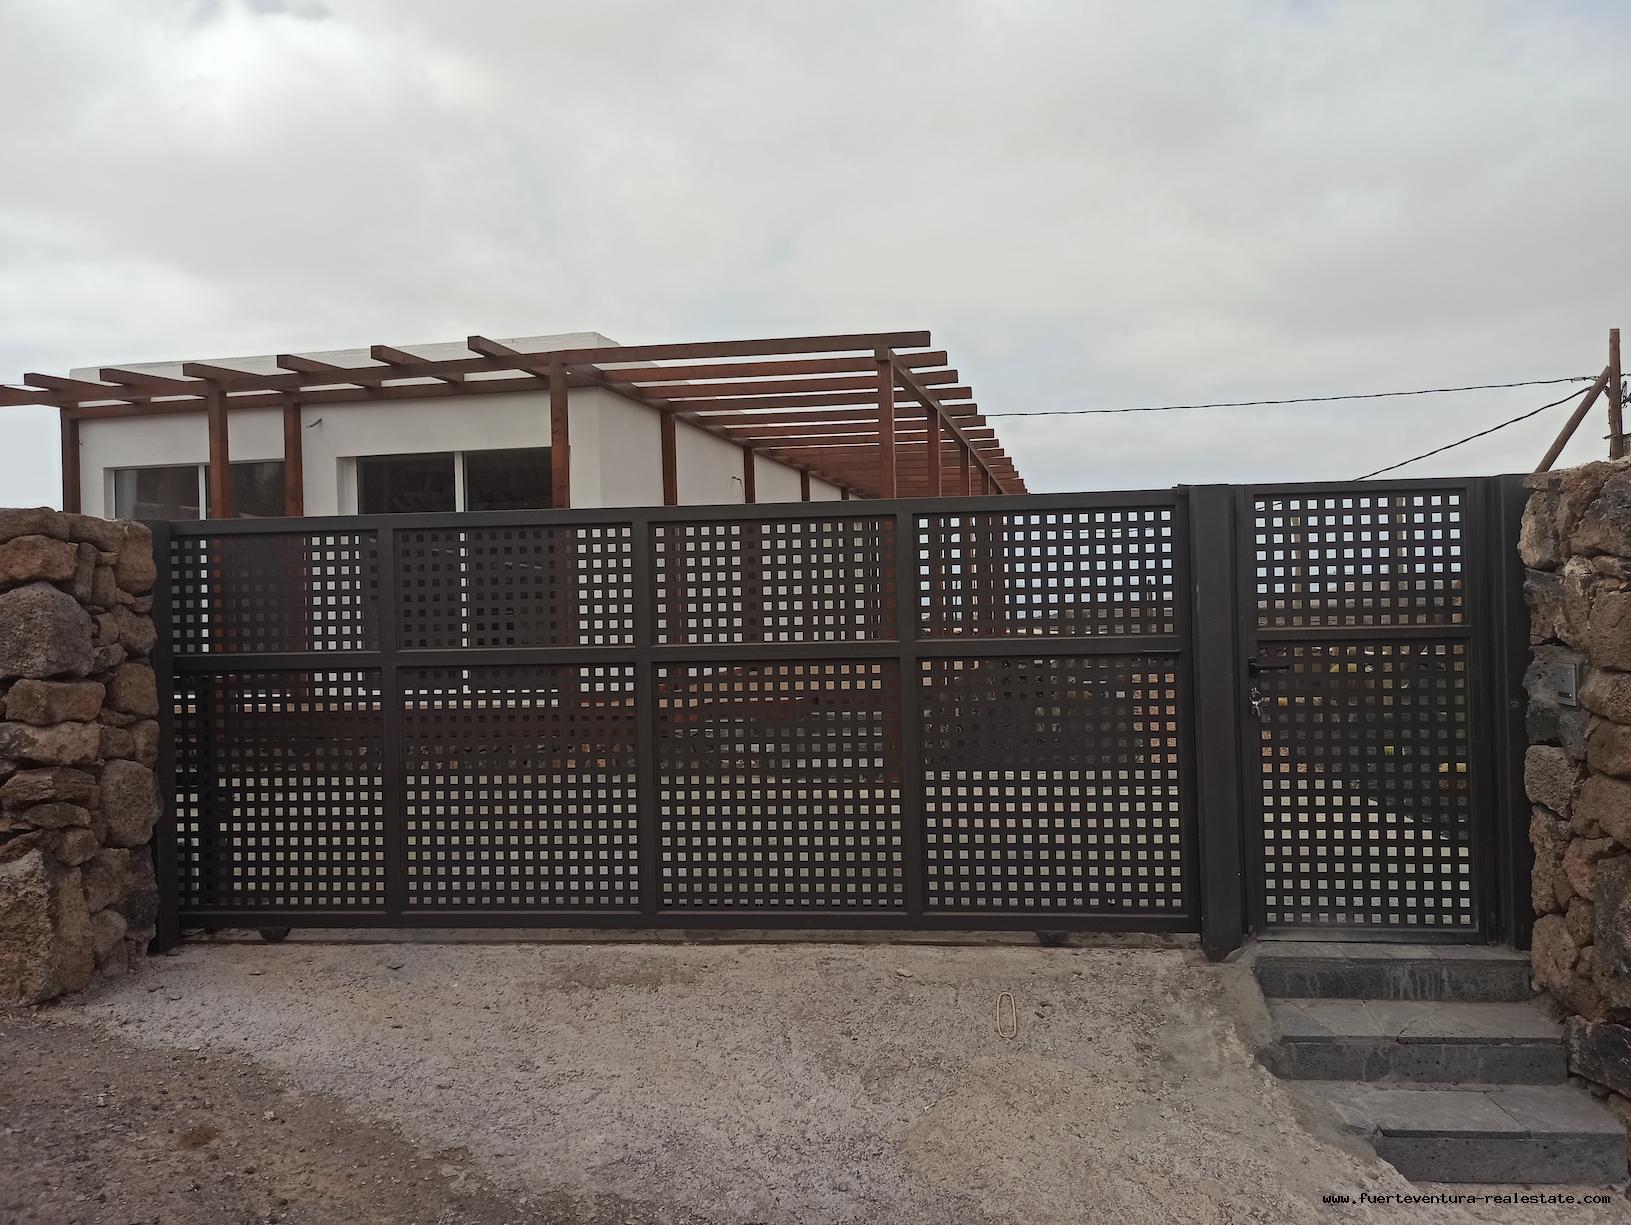 Te koop! Nieuwbouw villa in Villaverde